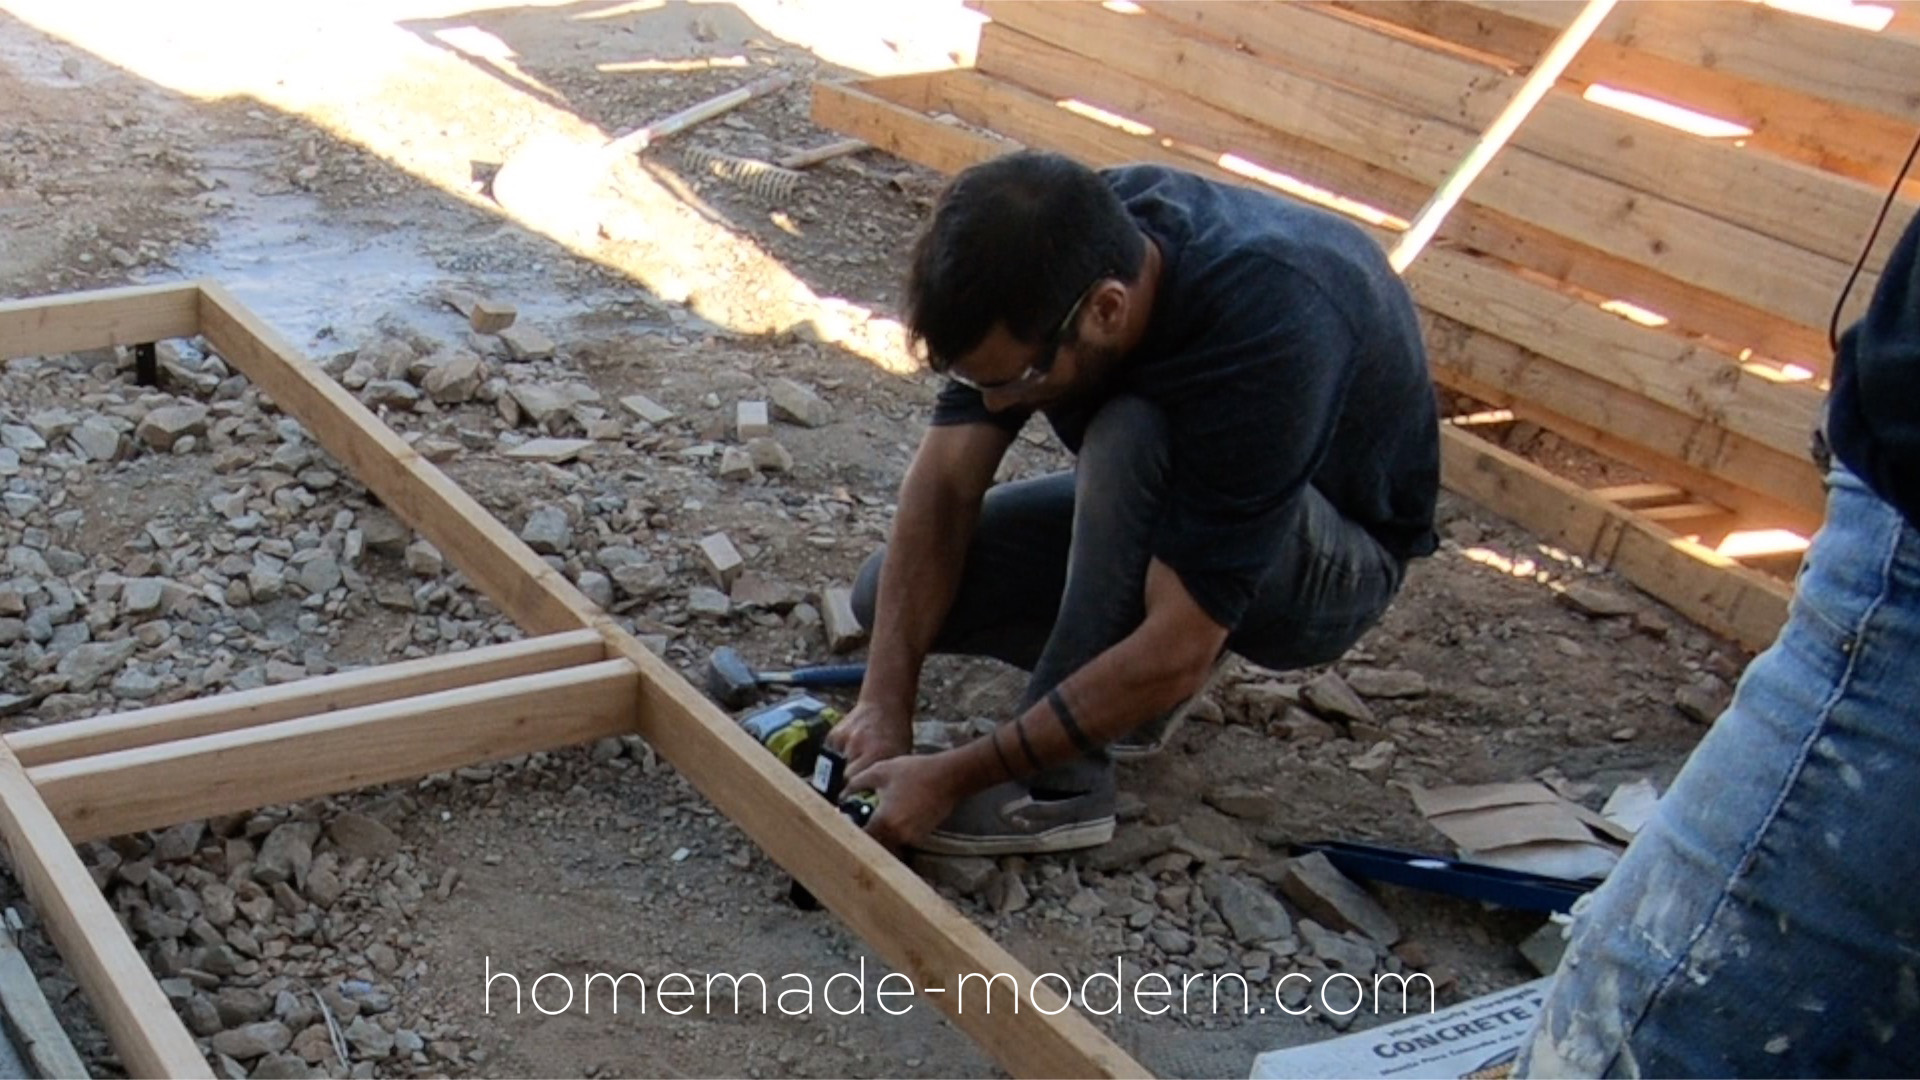 http://www.homemade-modern.com/wp-content/uploads/2019/02/diycedarpatio-02B.jpg